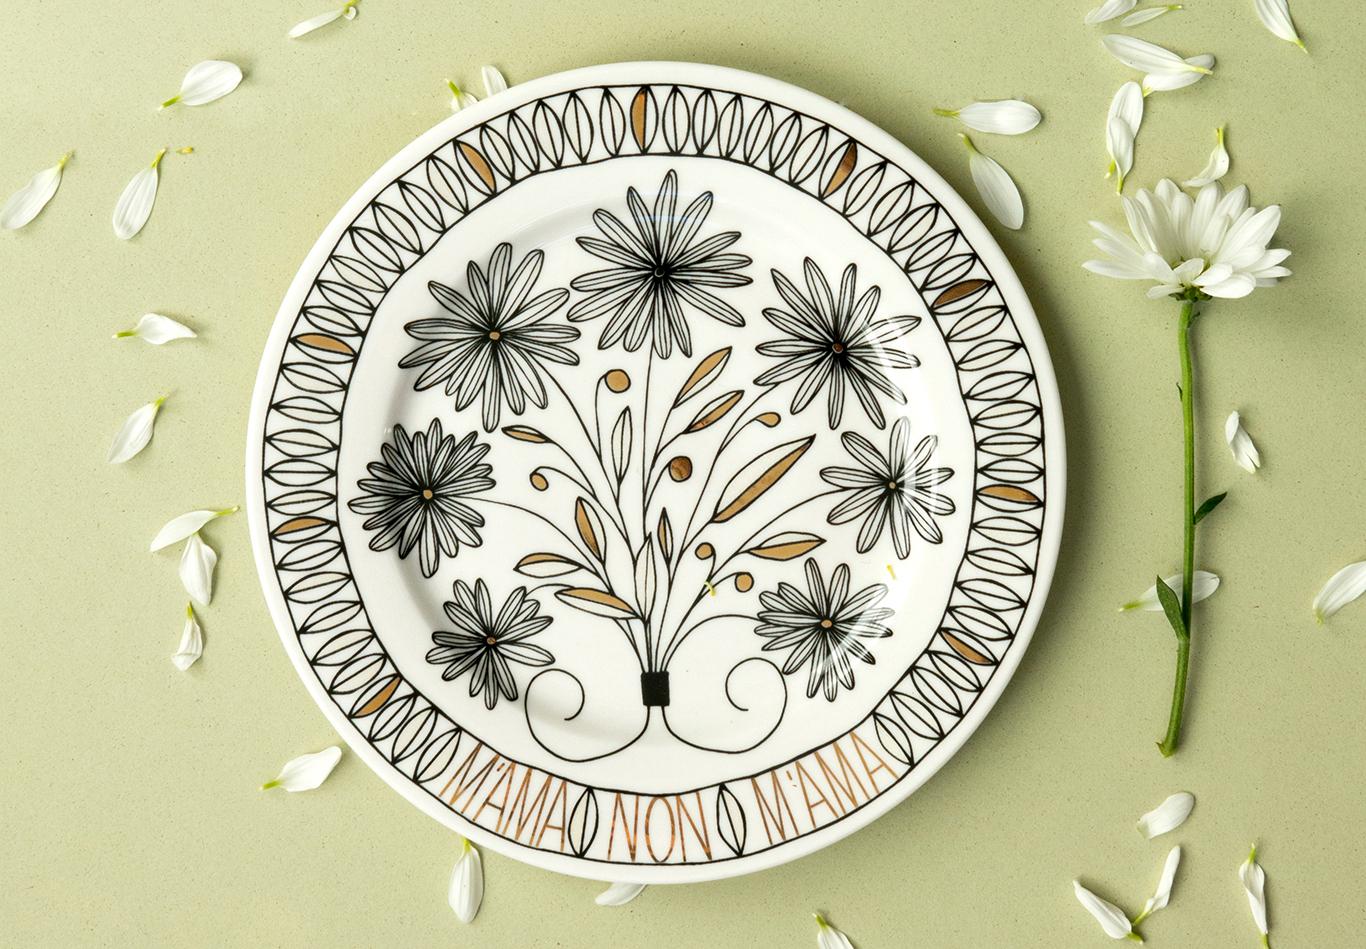 ilaria.i presenta le Collezioni  di piatti Summer e Bouquet pensati per la tavola estiva!